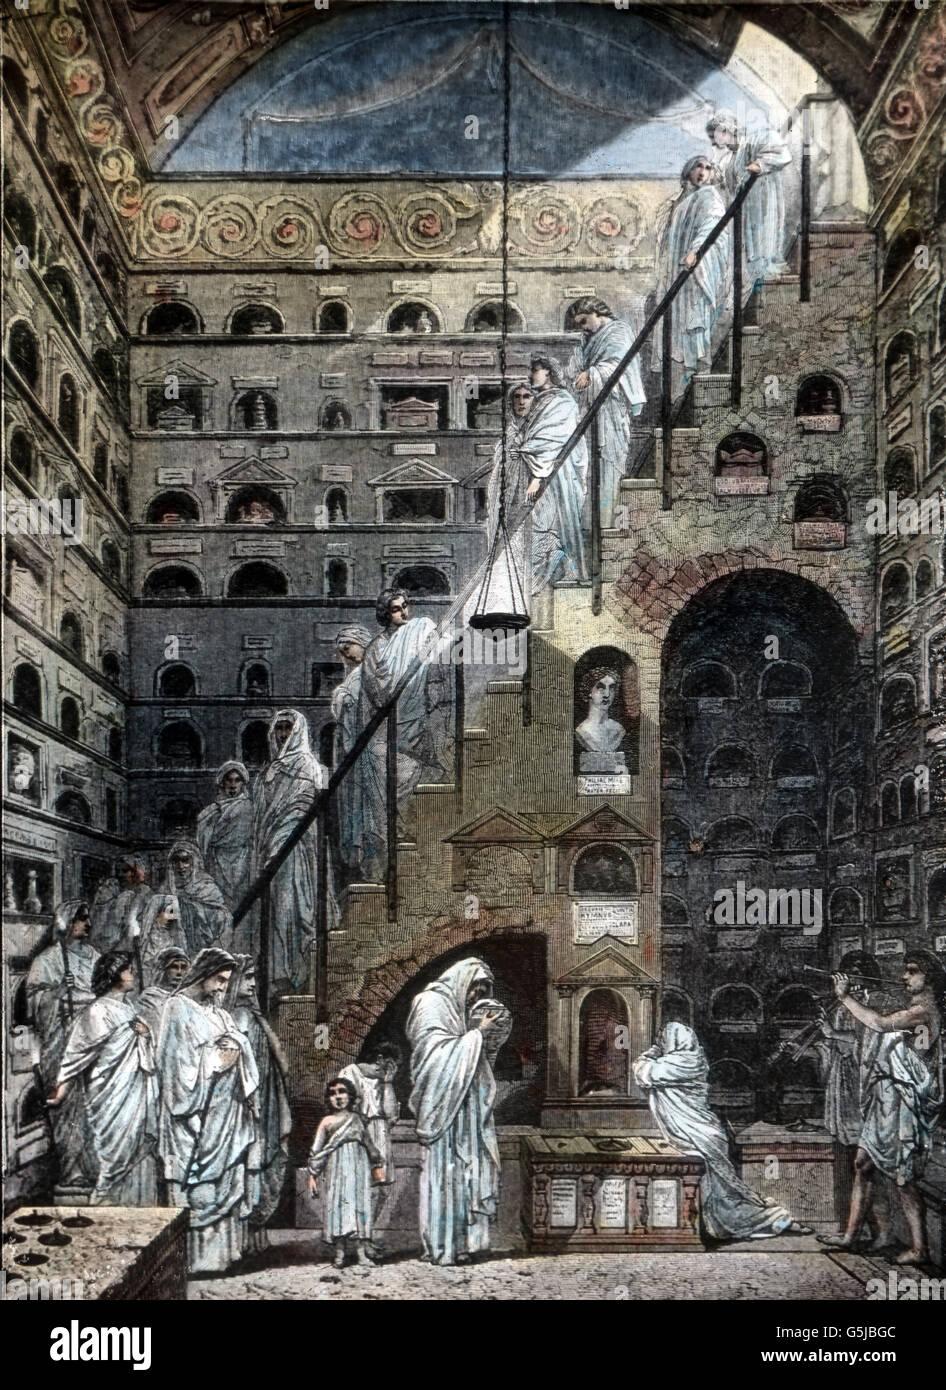 Ein Römisches Kolumbarium ist Ein Oberirdisches Gebäude Zur Bestattung von Urnen. Ein Kolumbarium ist ein Ort für ruhige Lagerung von Urnen. Stockfoto